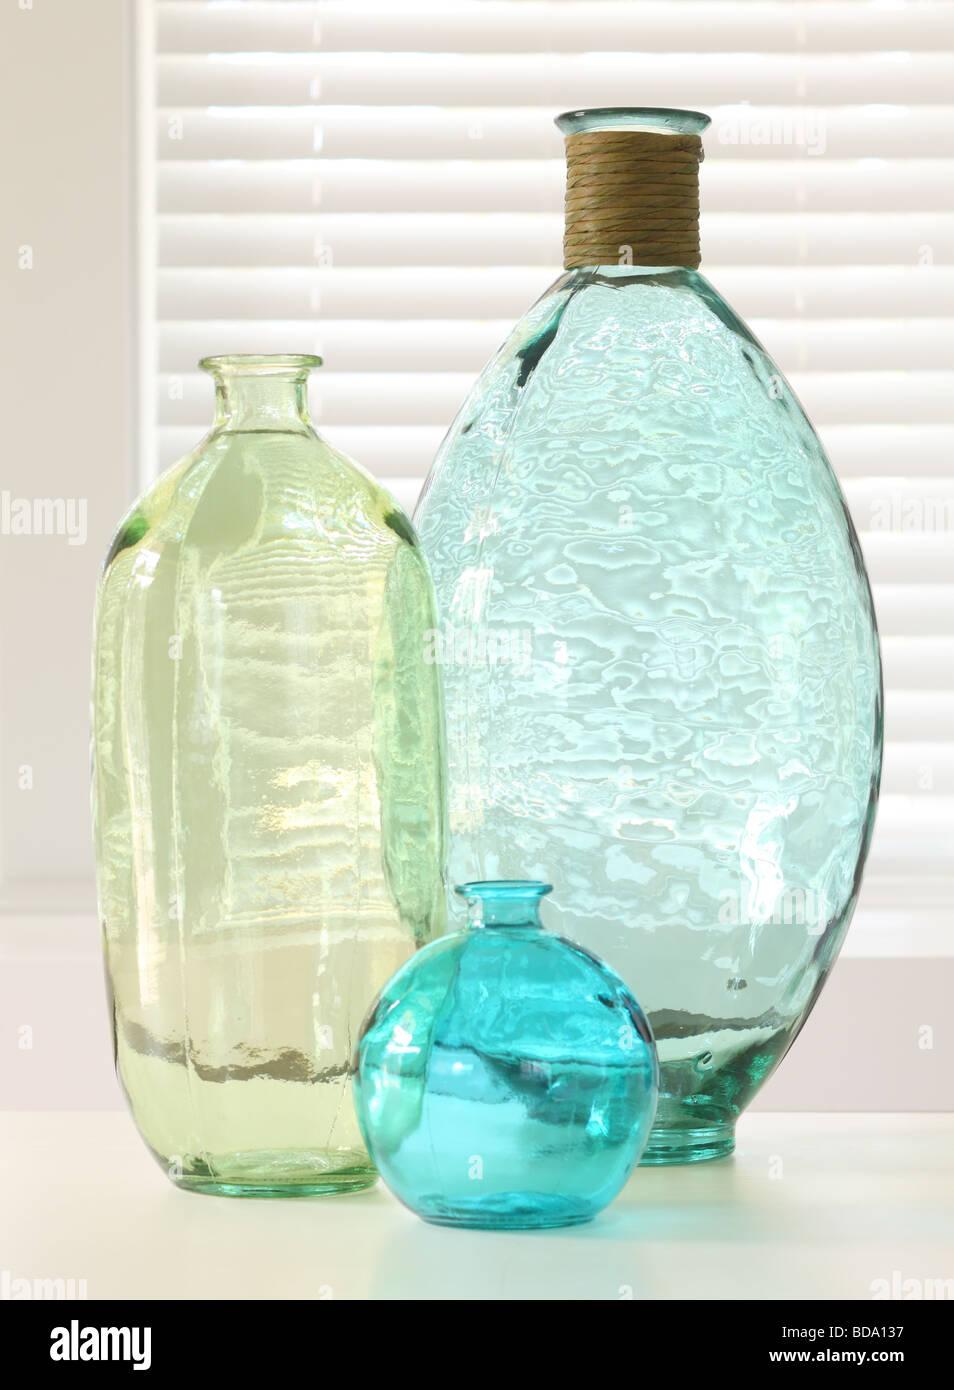 Glass bottles - Stock Image